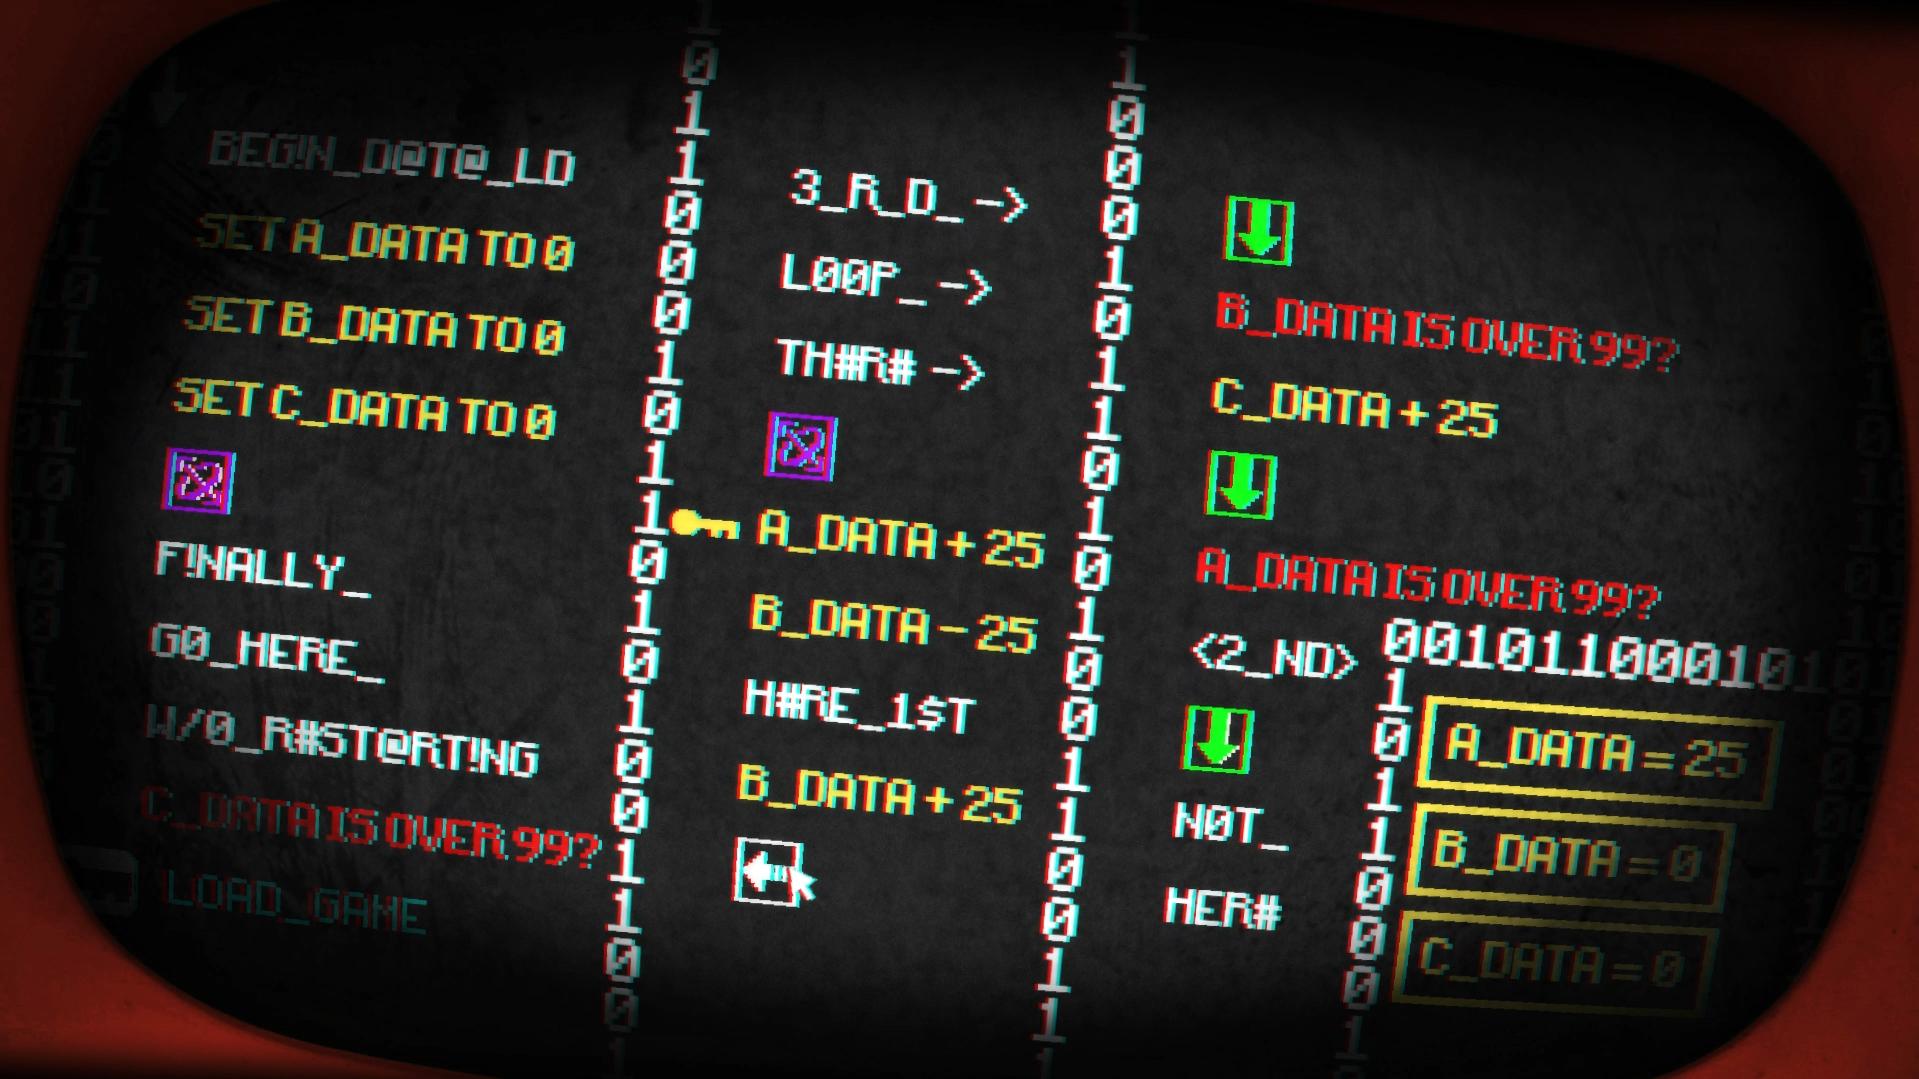 Imagem do jogo Pony Island, tema do Falange Indie 10. A imagem mostra a tela de programação que funciona como um puzzle.